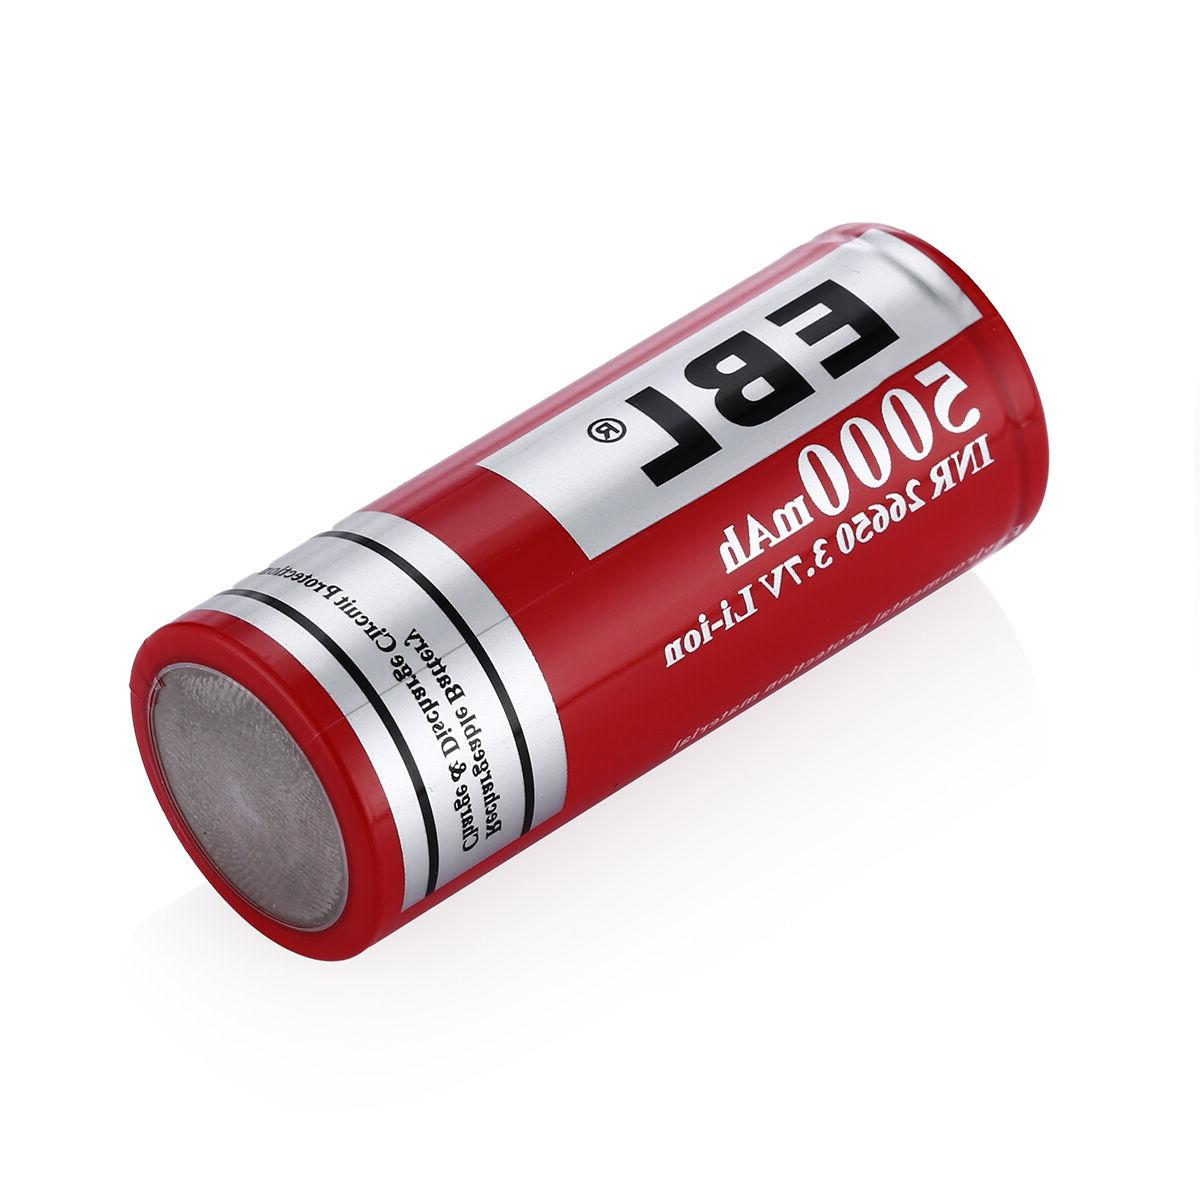 2PCS EBL 26650 Rechargeable Li-ion Lithium-ion Battery w/